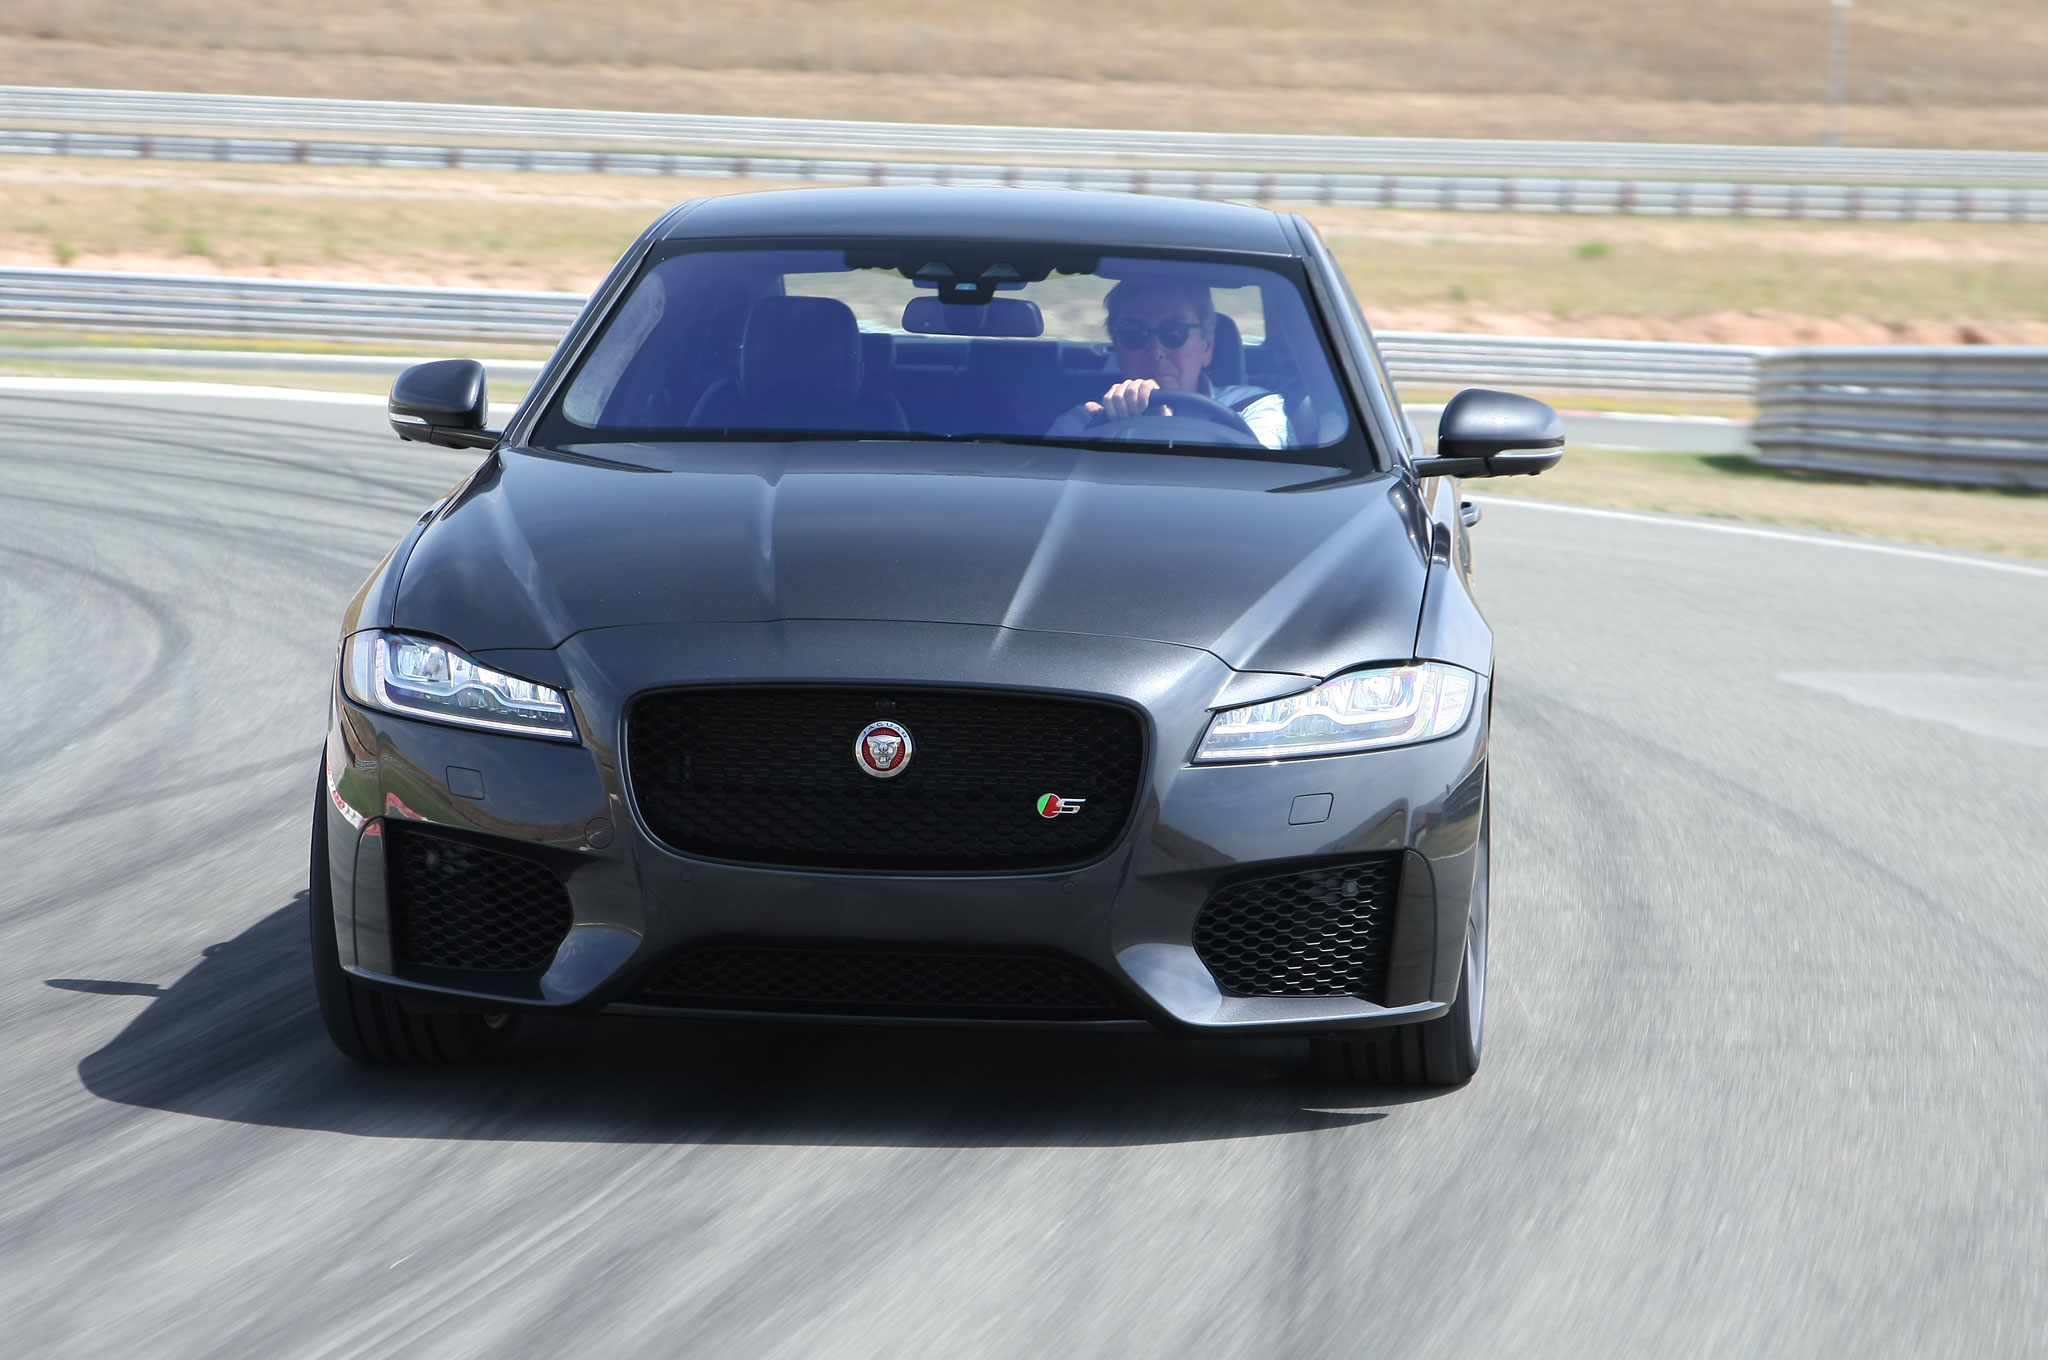 jaguar xf all wheel drive